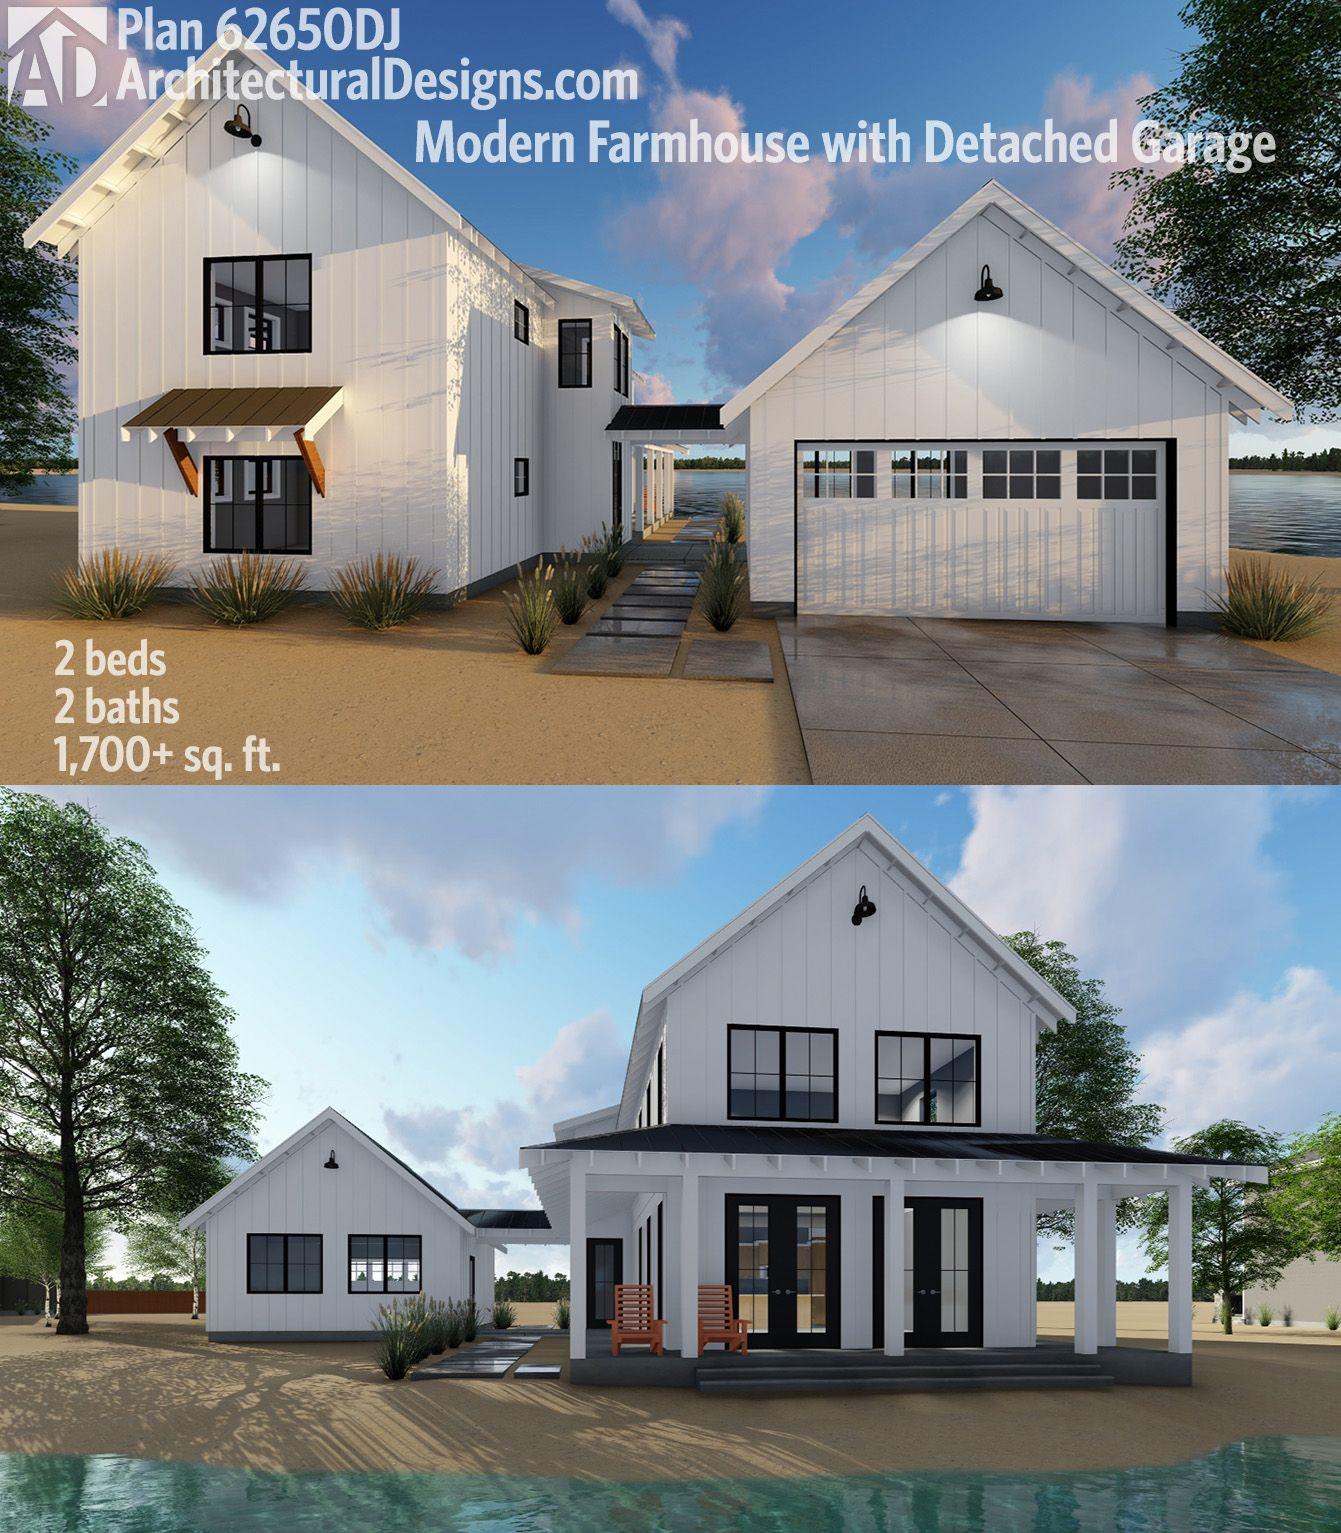 Architectural Designs Modern Farmhouse Plan Dj  Baths  Cars And